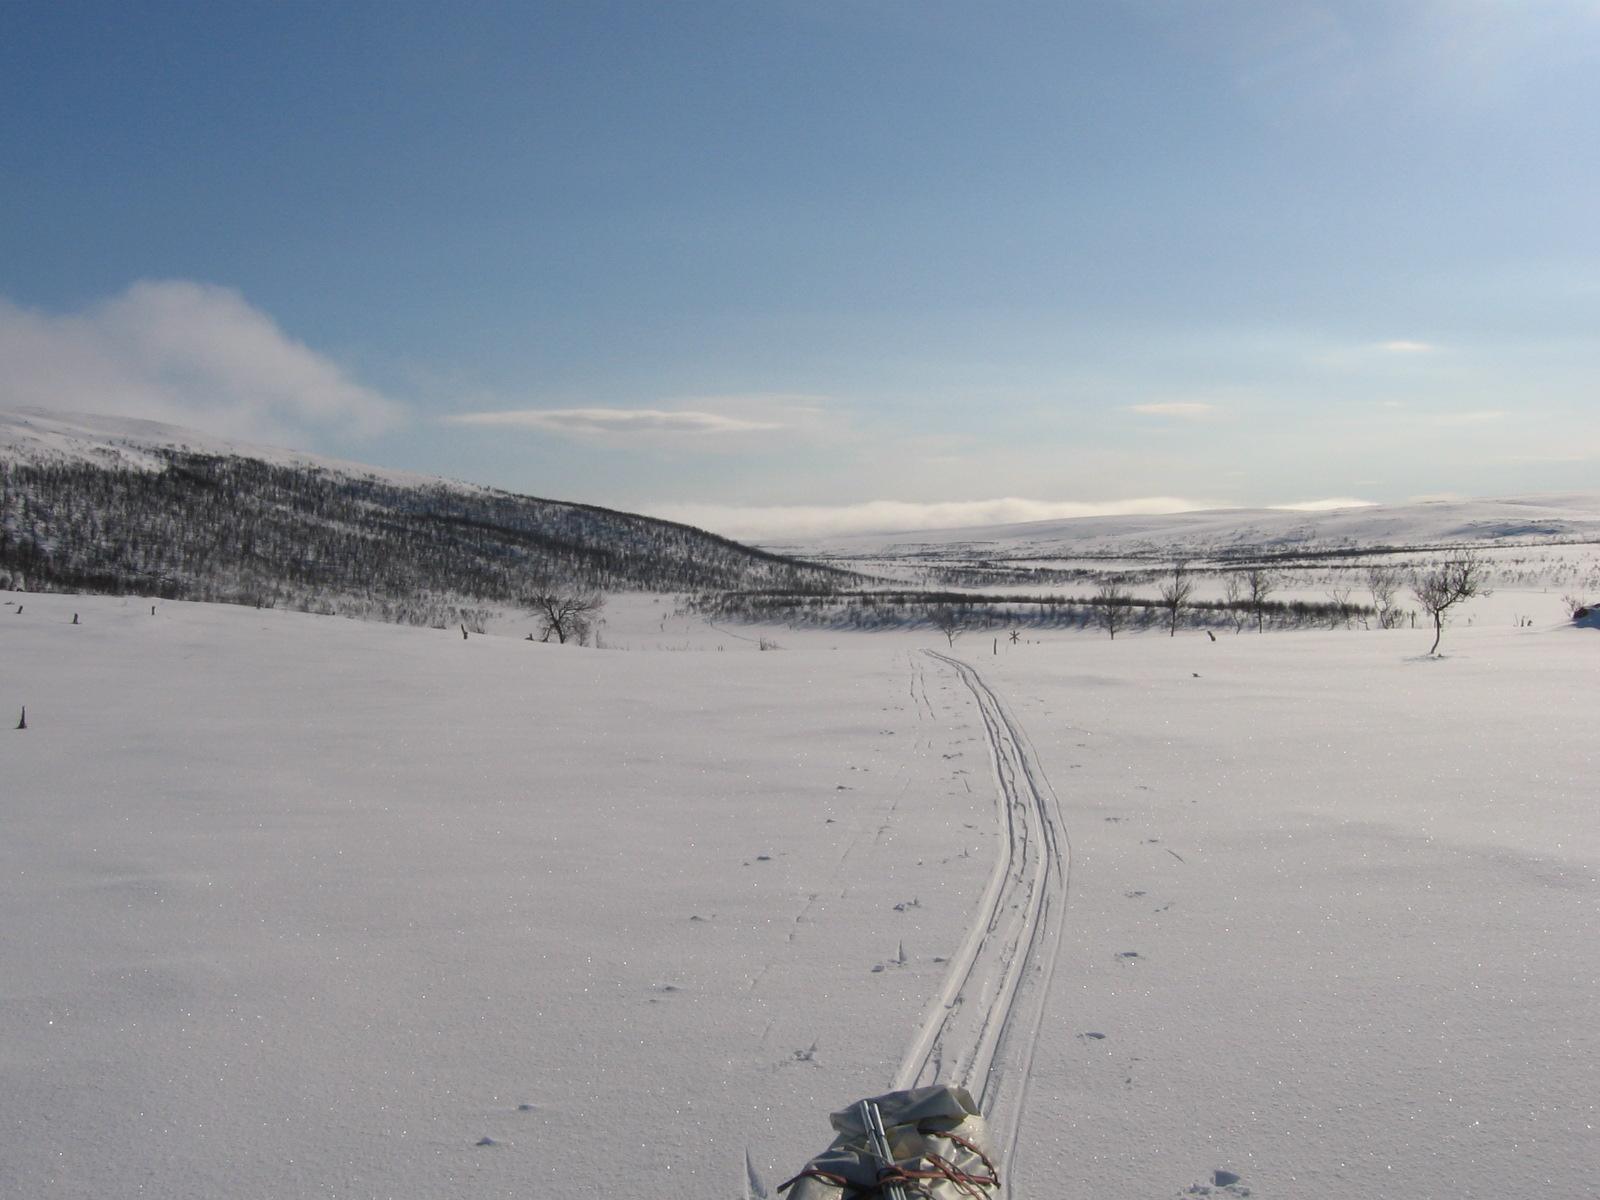 Cuomasjavrilta kohti Pulmankijärveä 15.4.2010